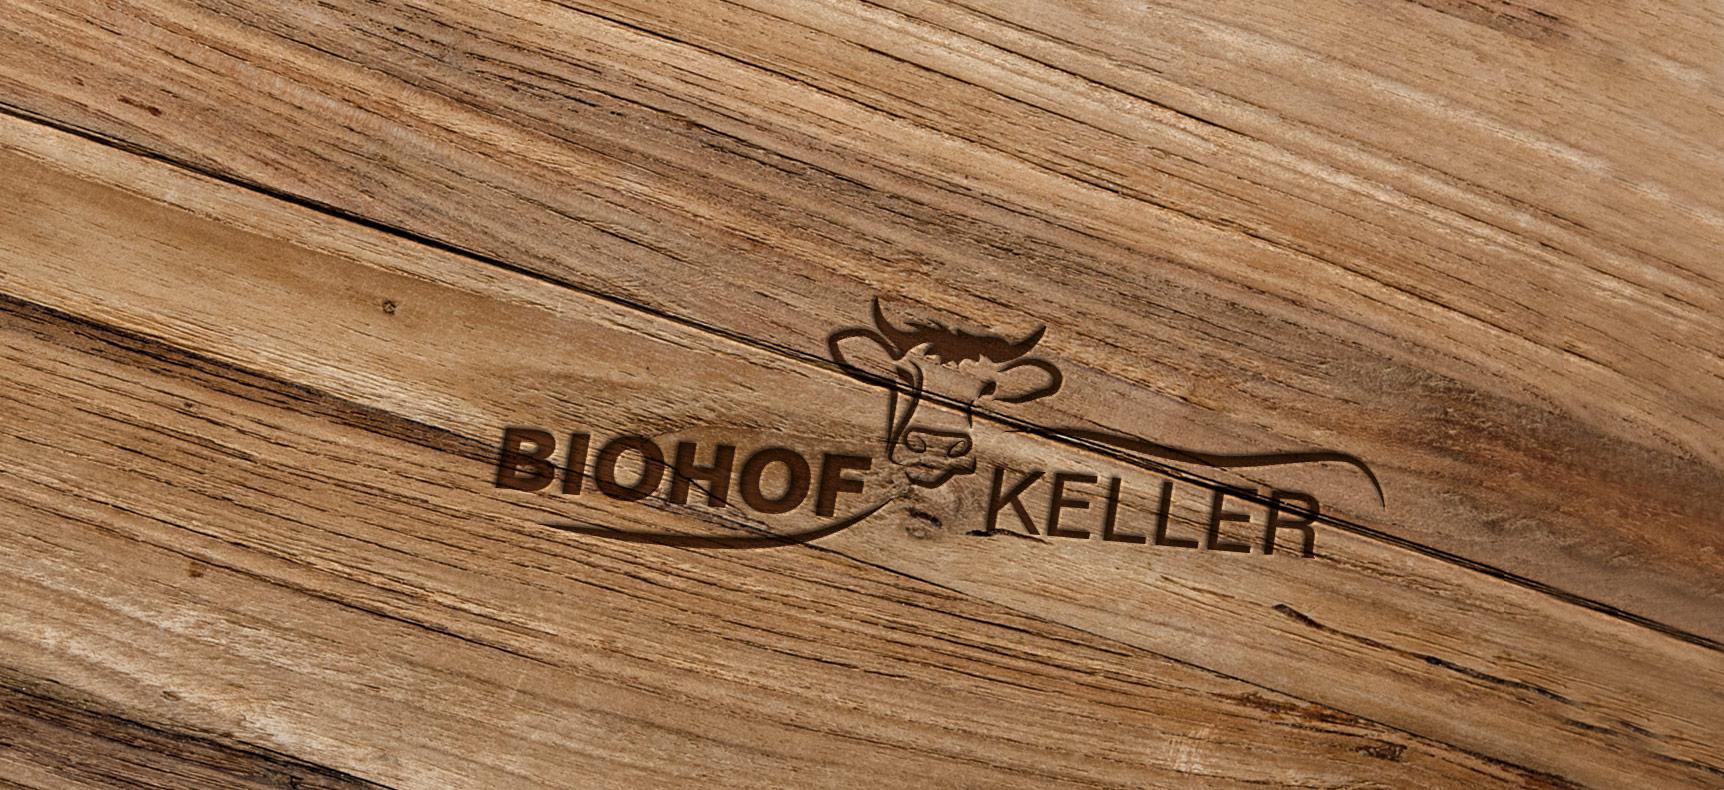 Biohof Keller | Logo erstellt von StatusZwo.com